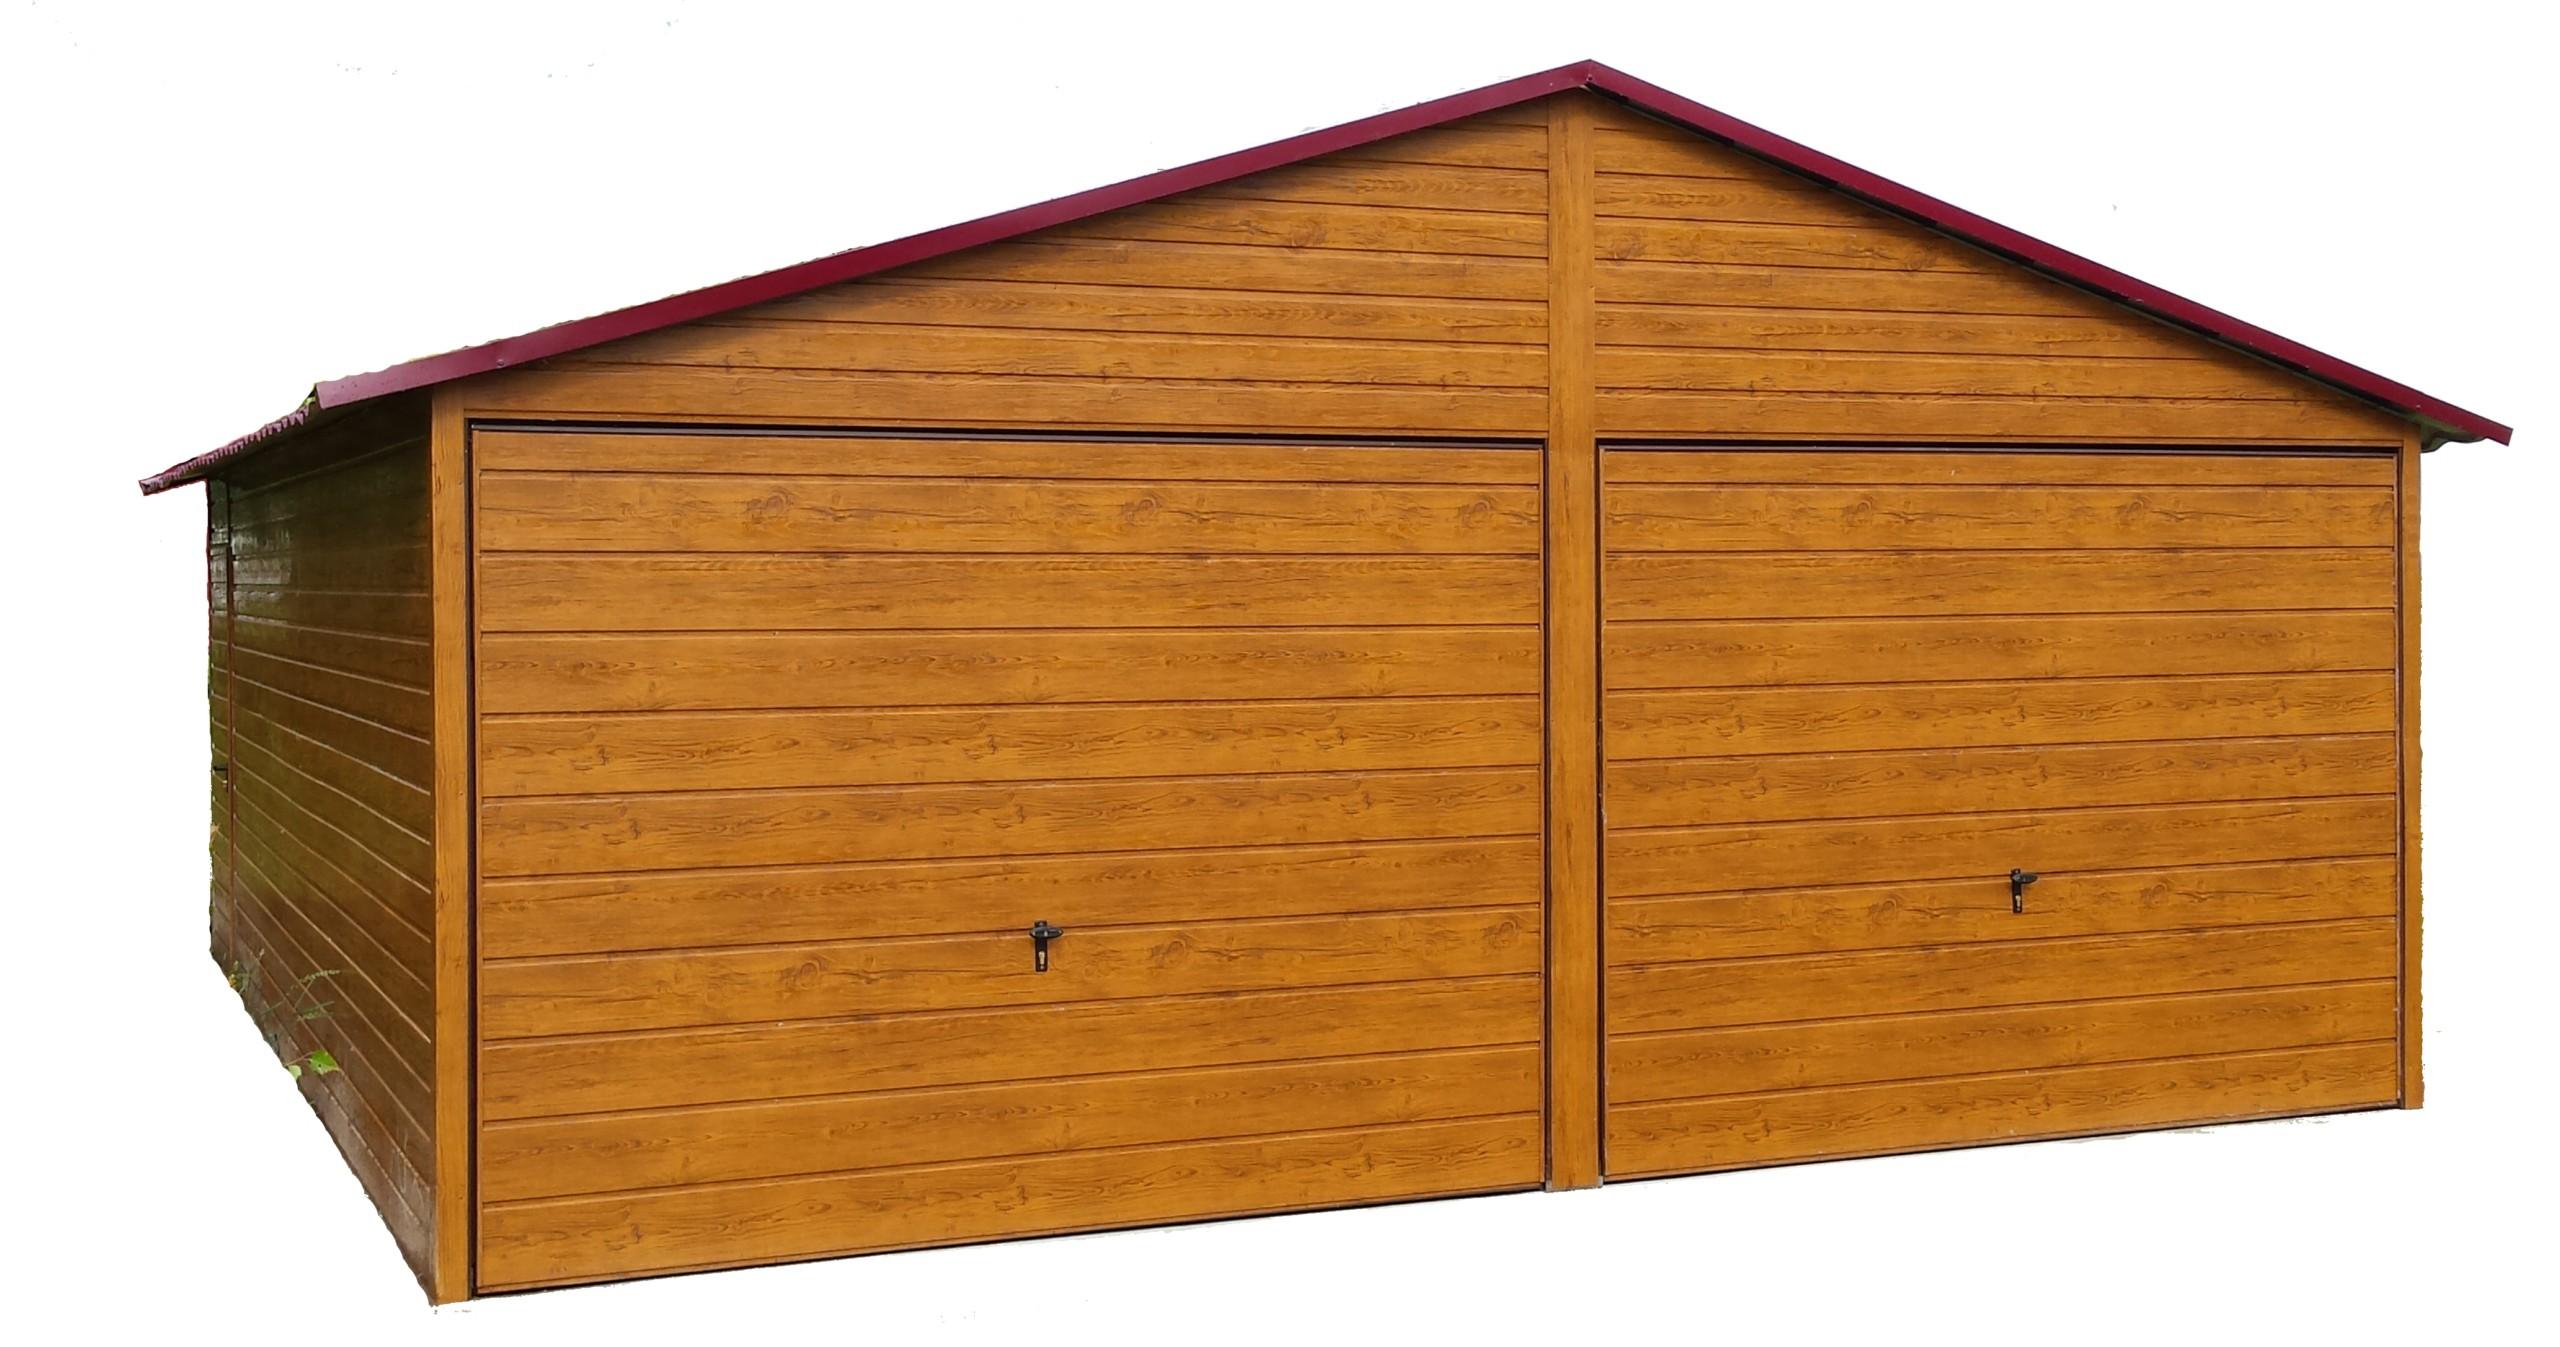 Garaż Blaszany Garaże Blaszane Drewnopodobne 6x58 7437398650